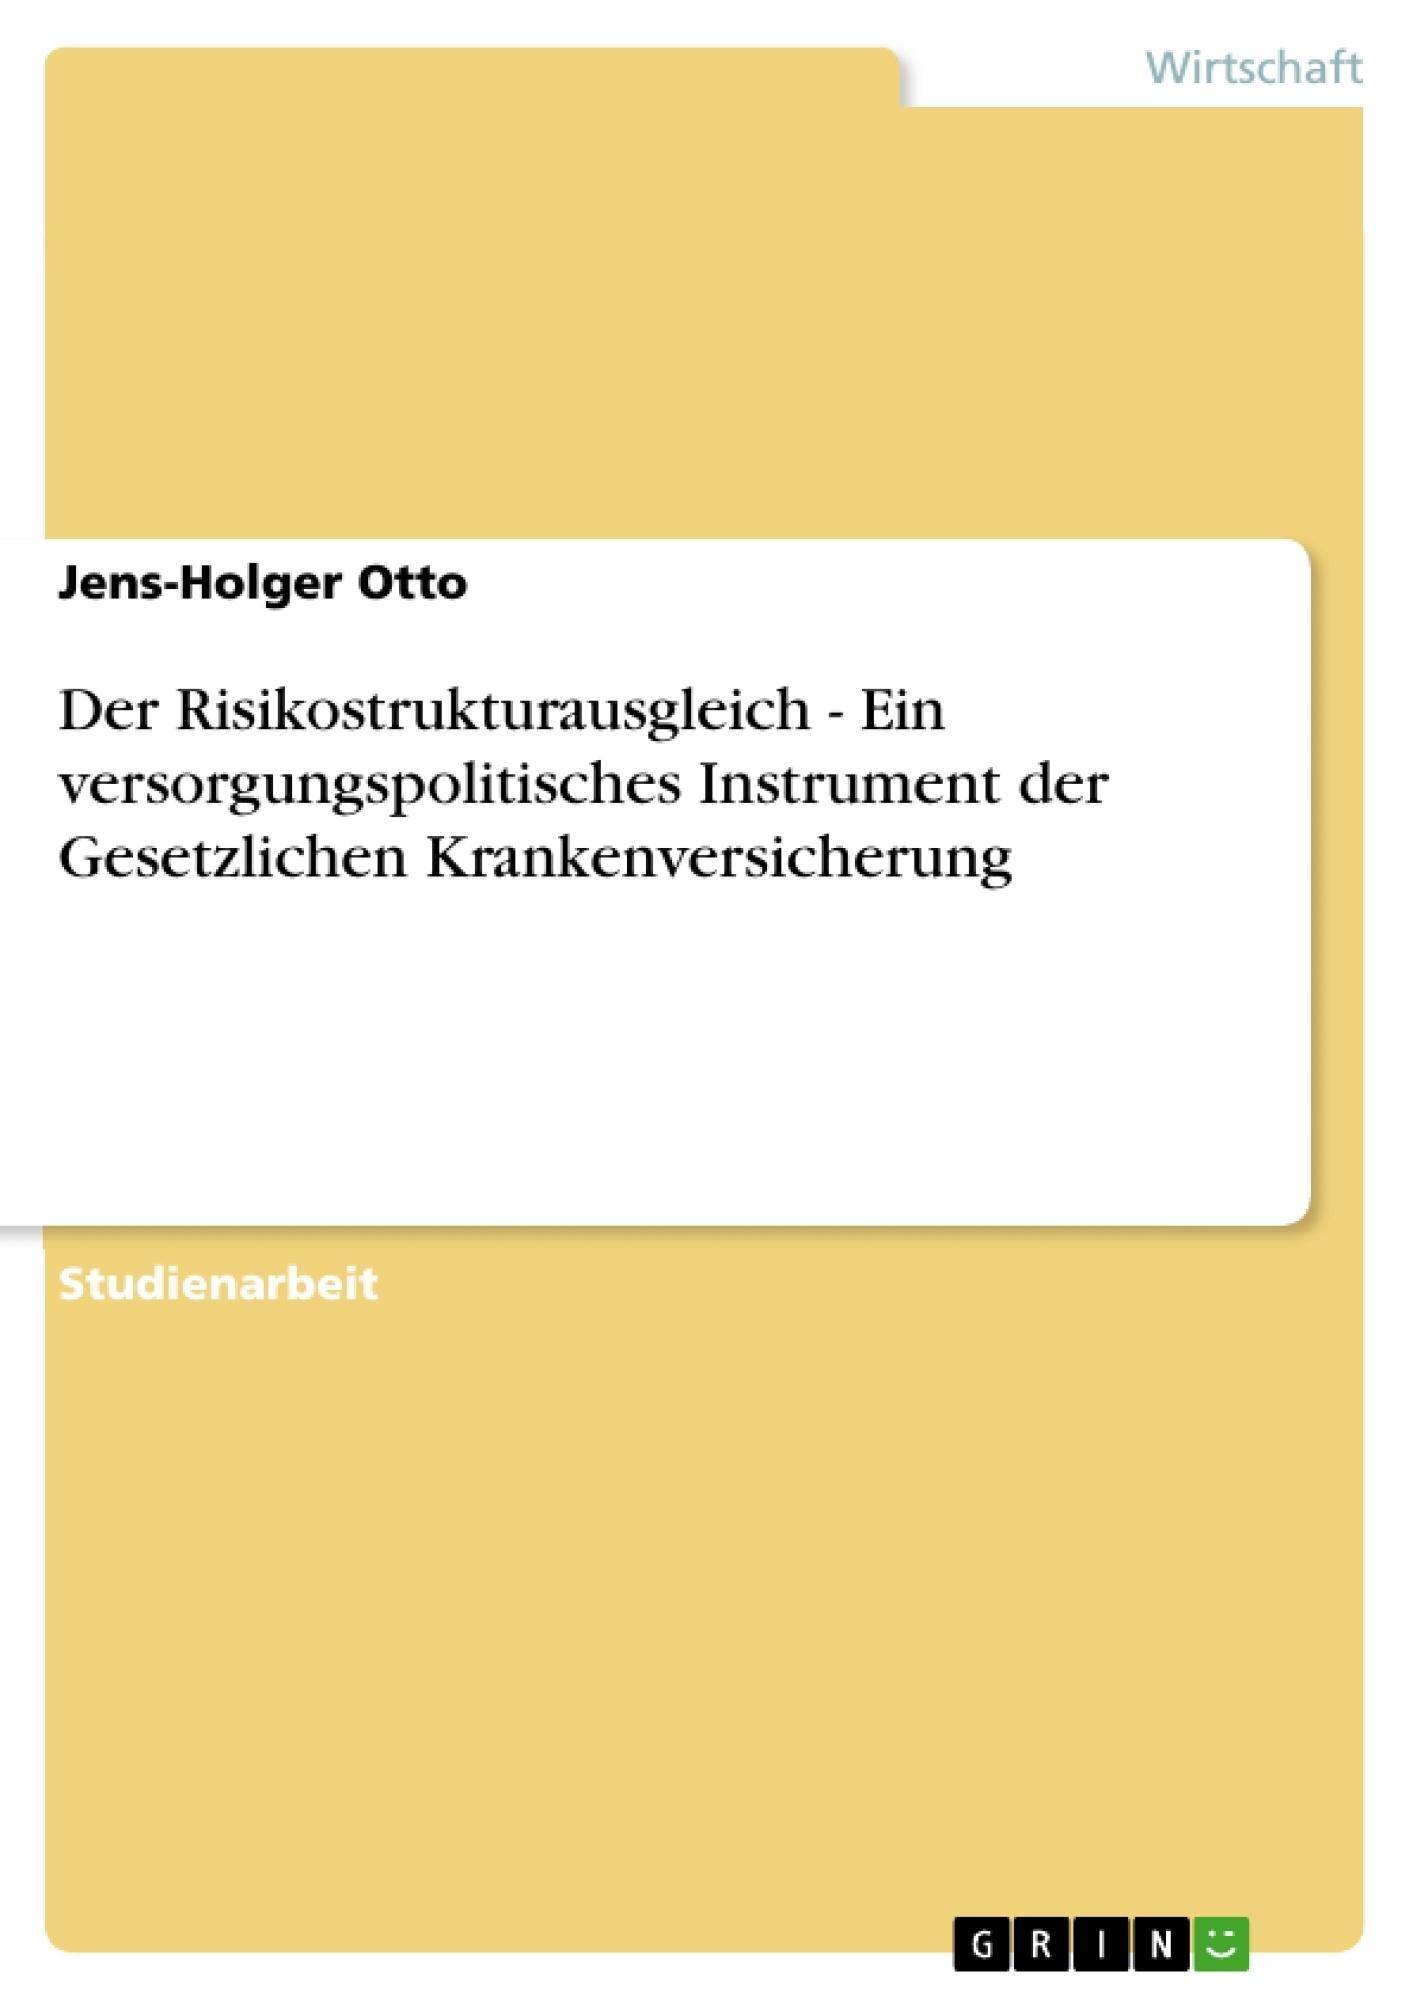 Titel: Der Risikostrukturausgleich - Ein versorgungspolitisches Instrument der Gesetzlichen Krankenversicherung